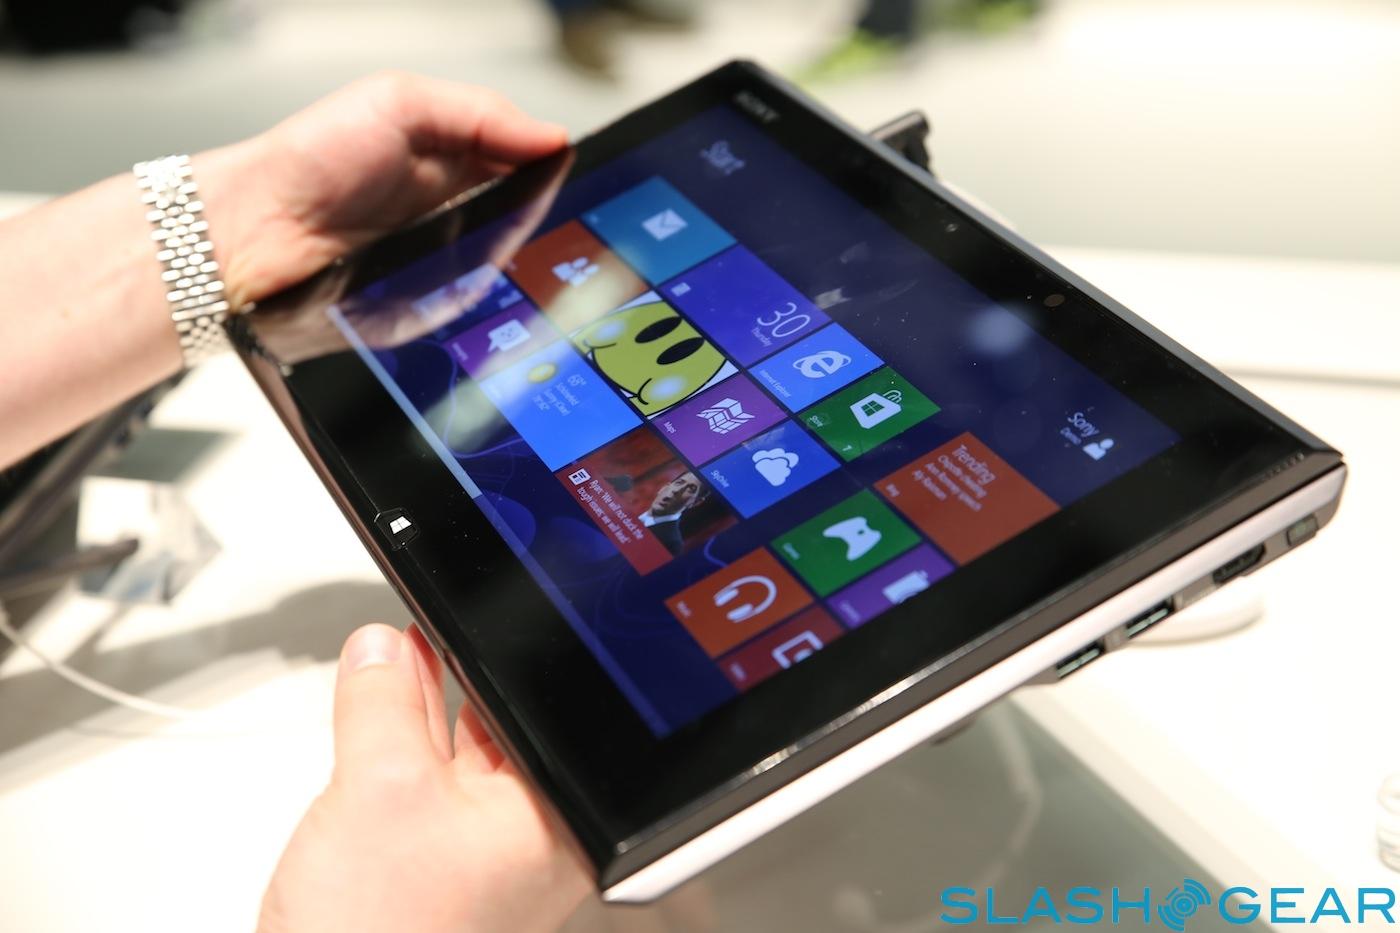 Sony VAIO Duo 11 hands-on - SlashGear